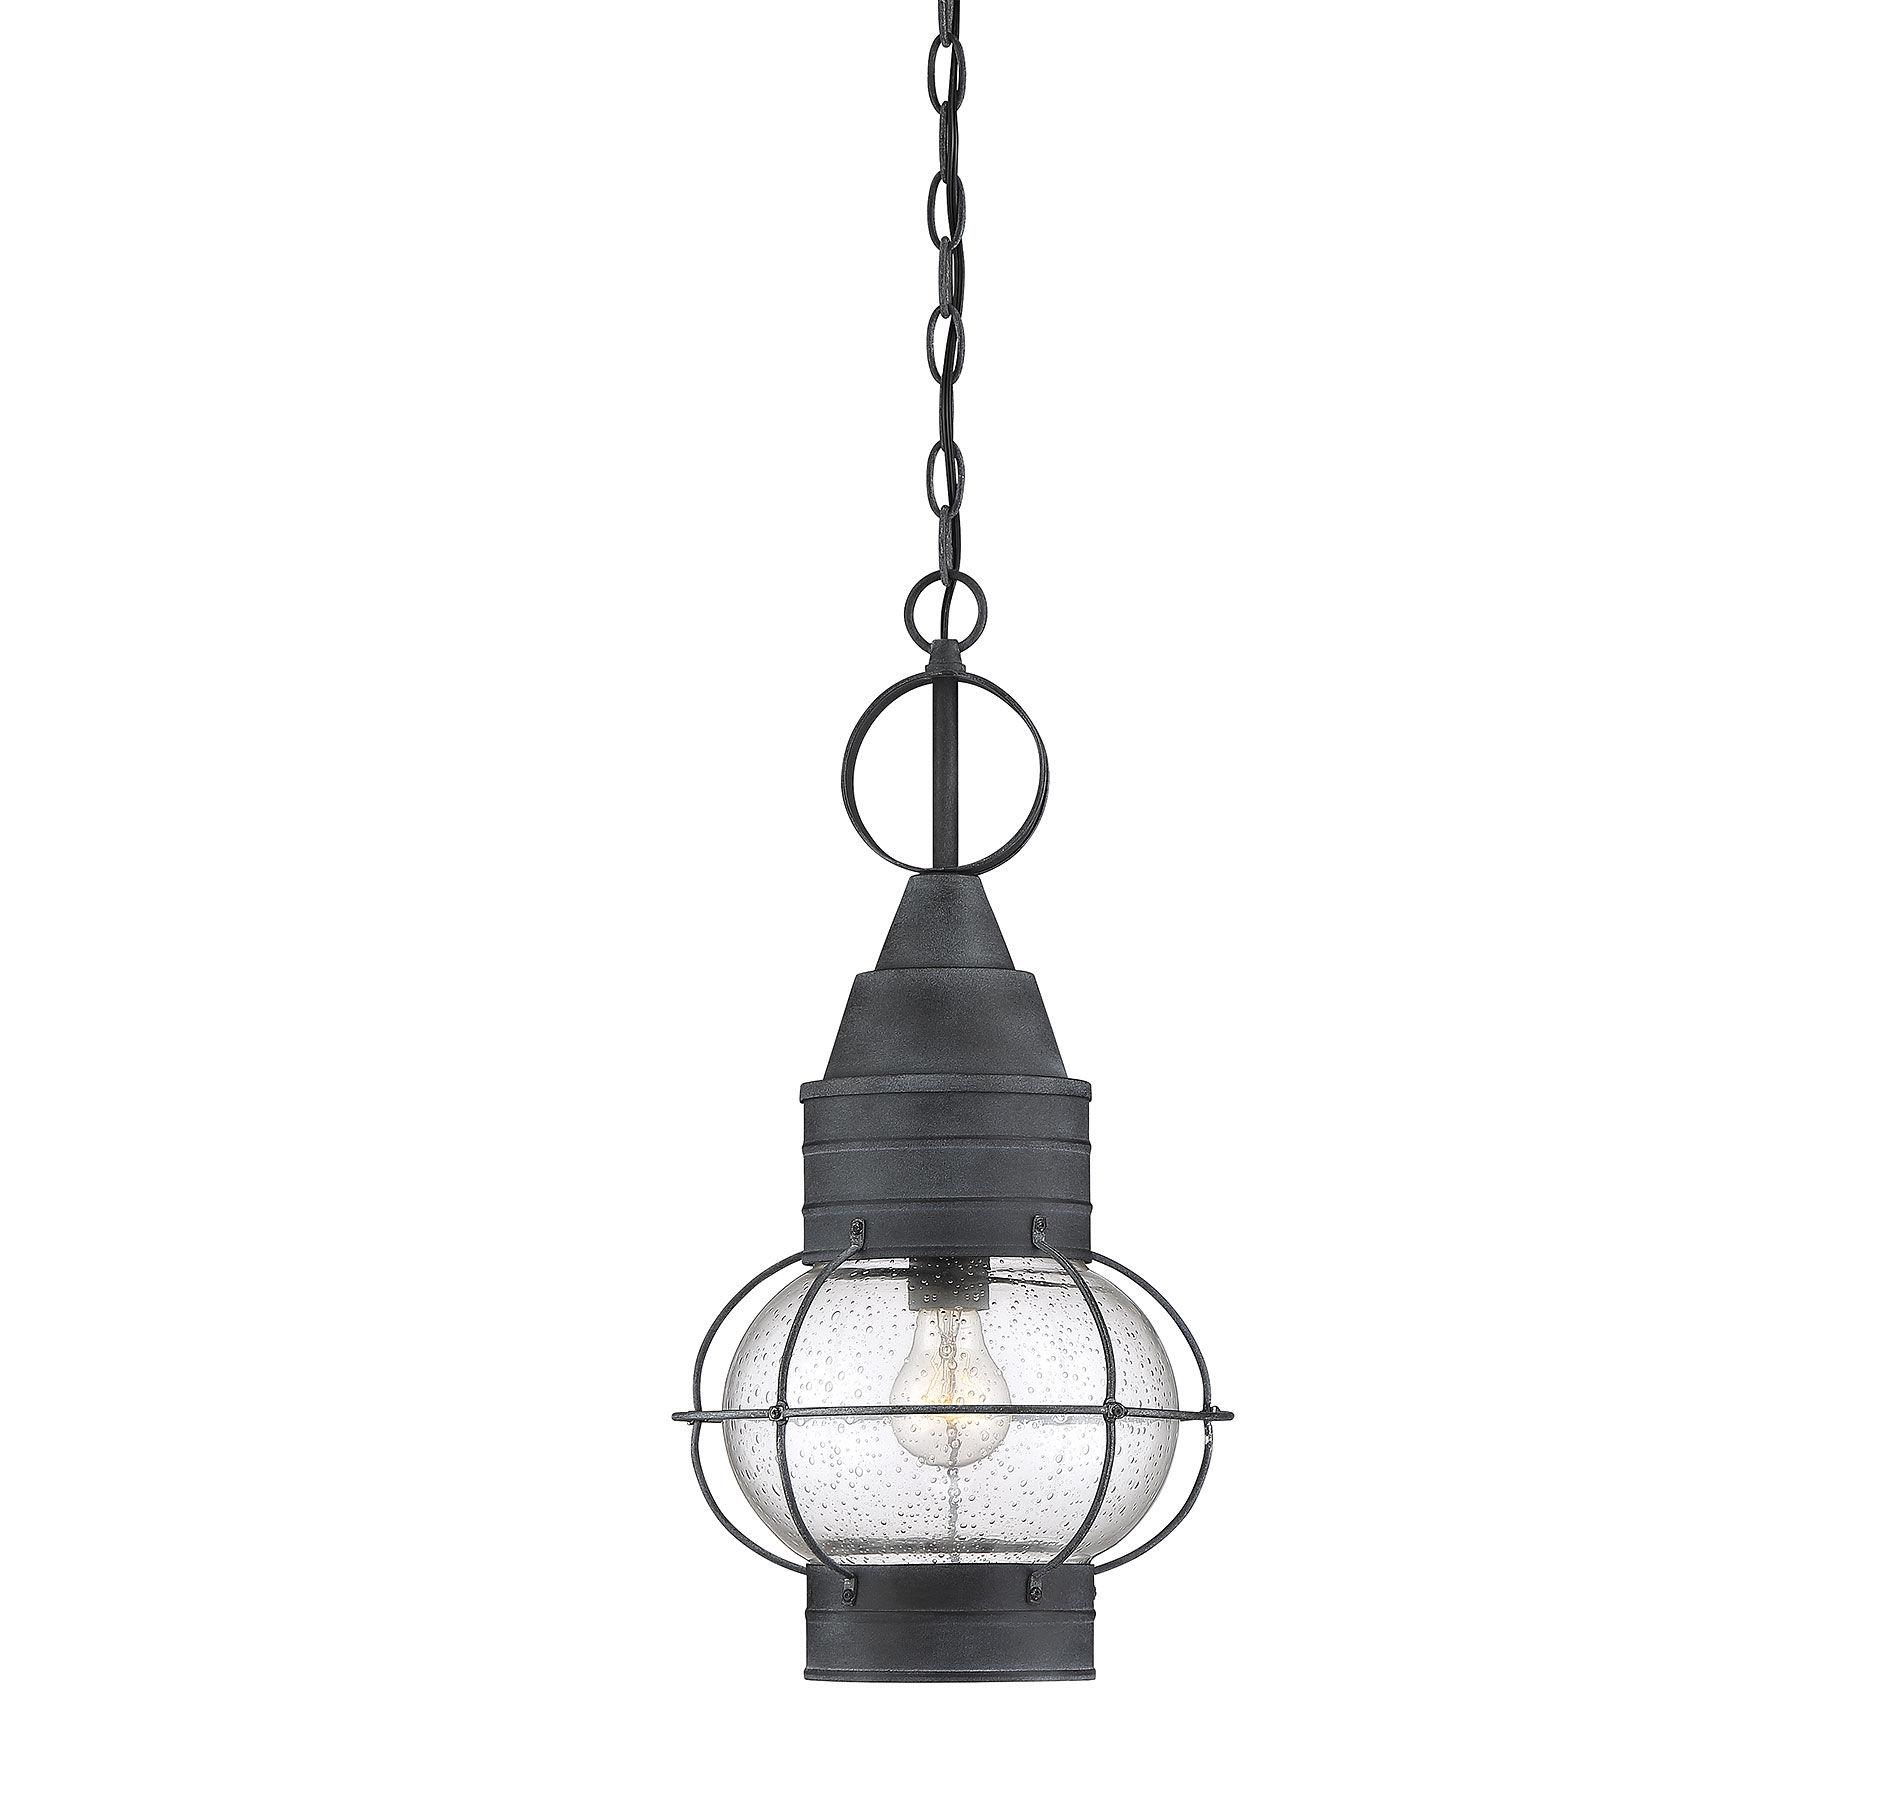 enfield foyer light in oxidized black